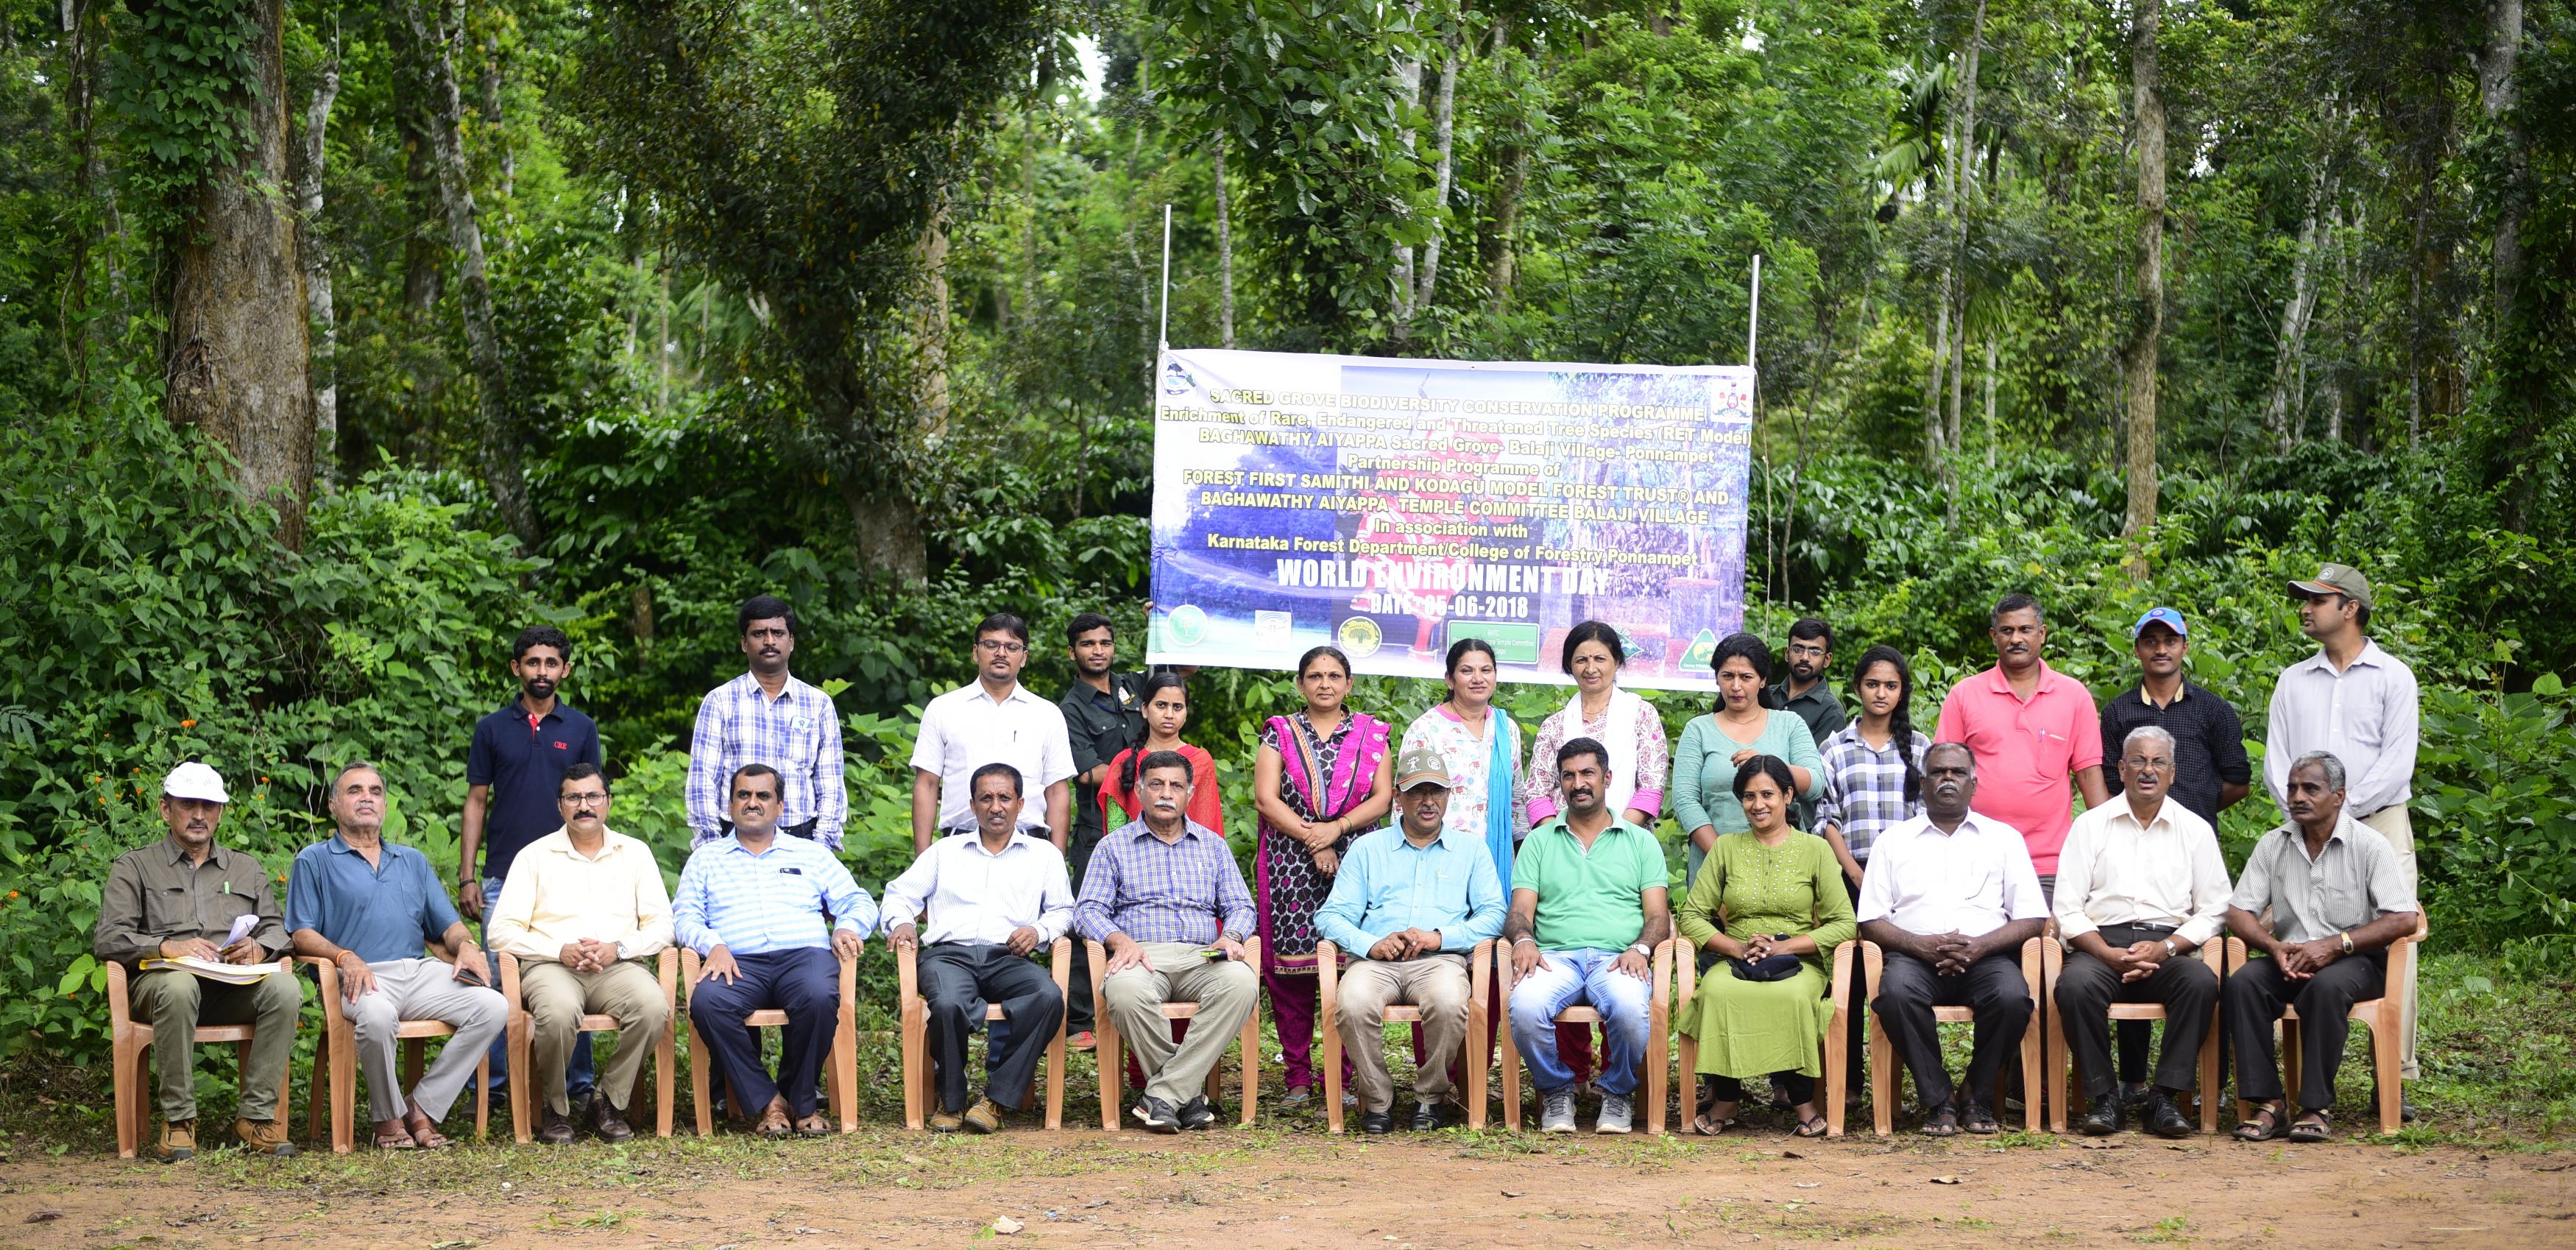 8 Balaji DK-5th Jun 2018-Launch Group Photo_cropped